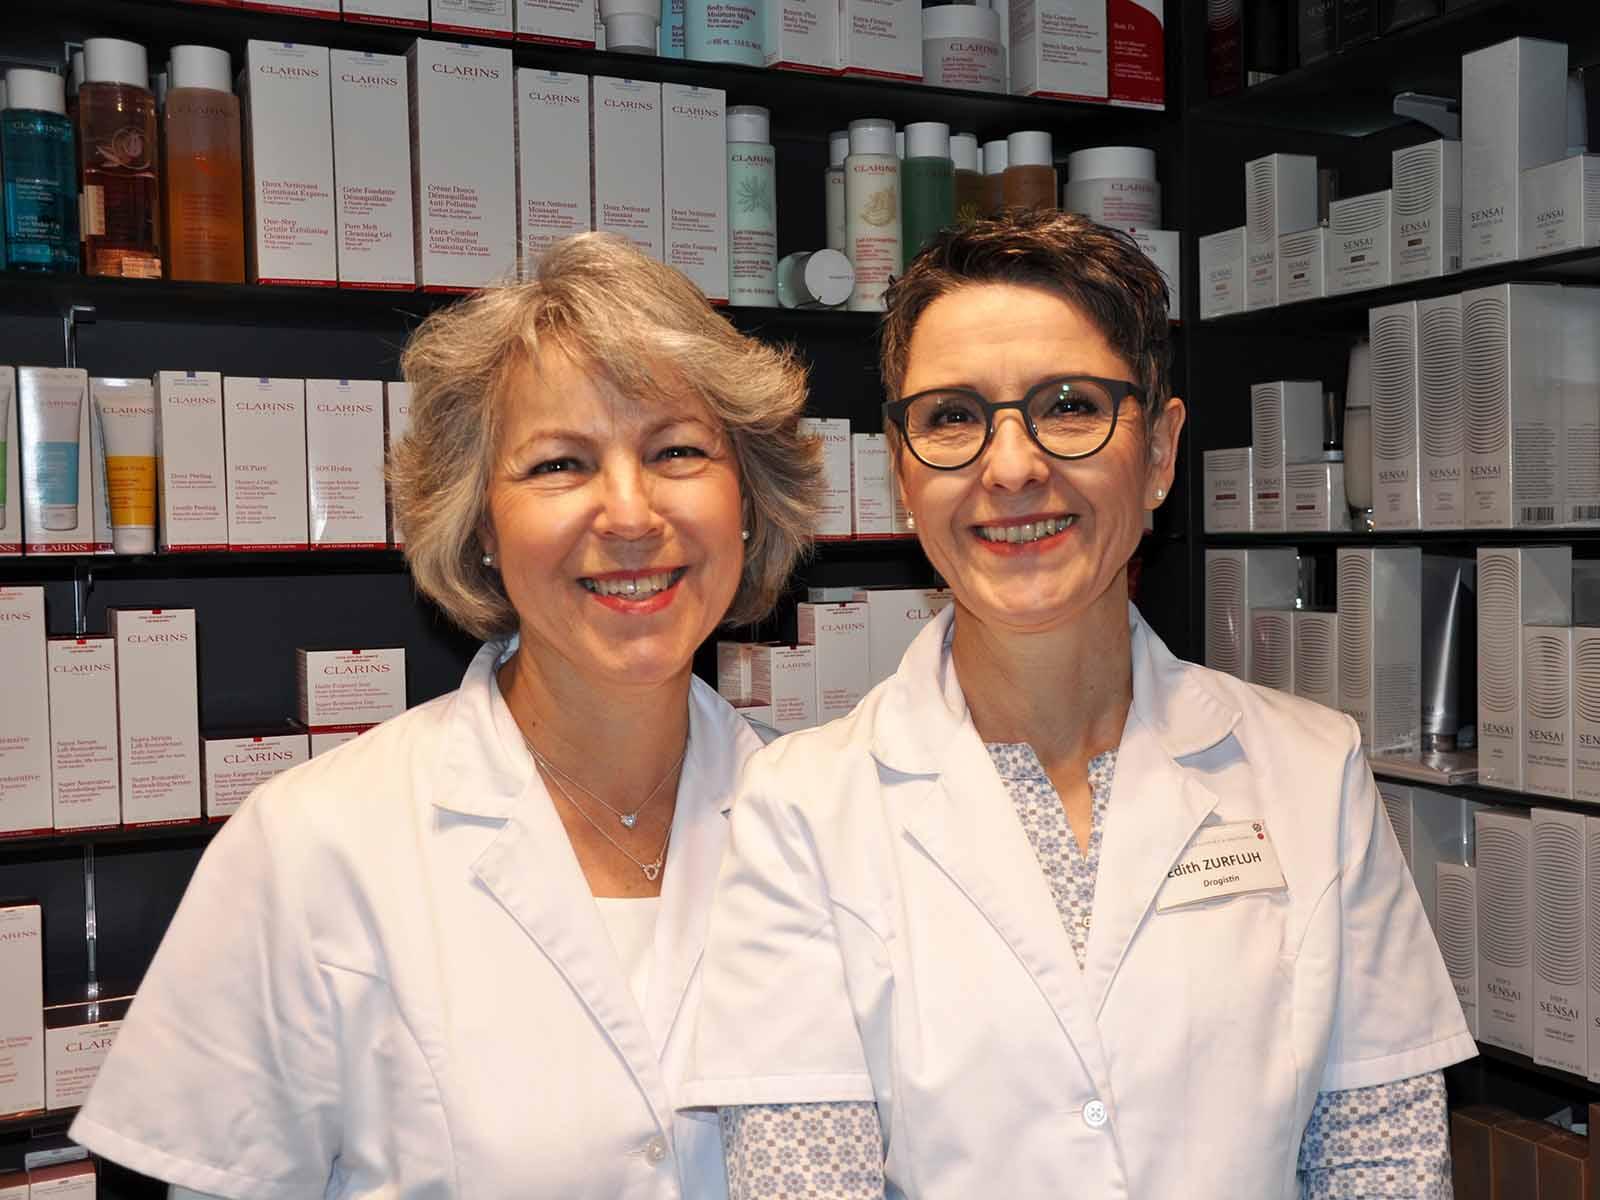 Yvonne Gujer (links) und Edith Zurfluh freuen sich über die neue Drogerieabteilung in der Limmat Apotheke.